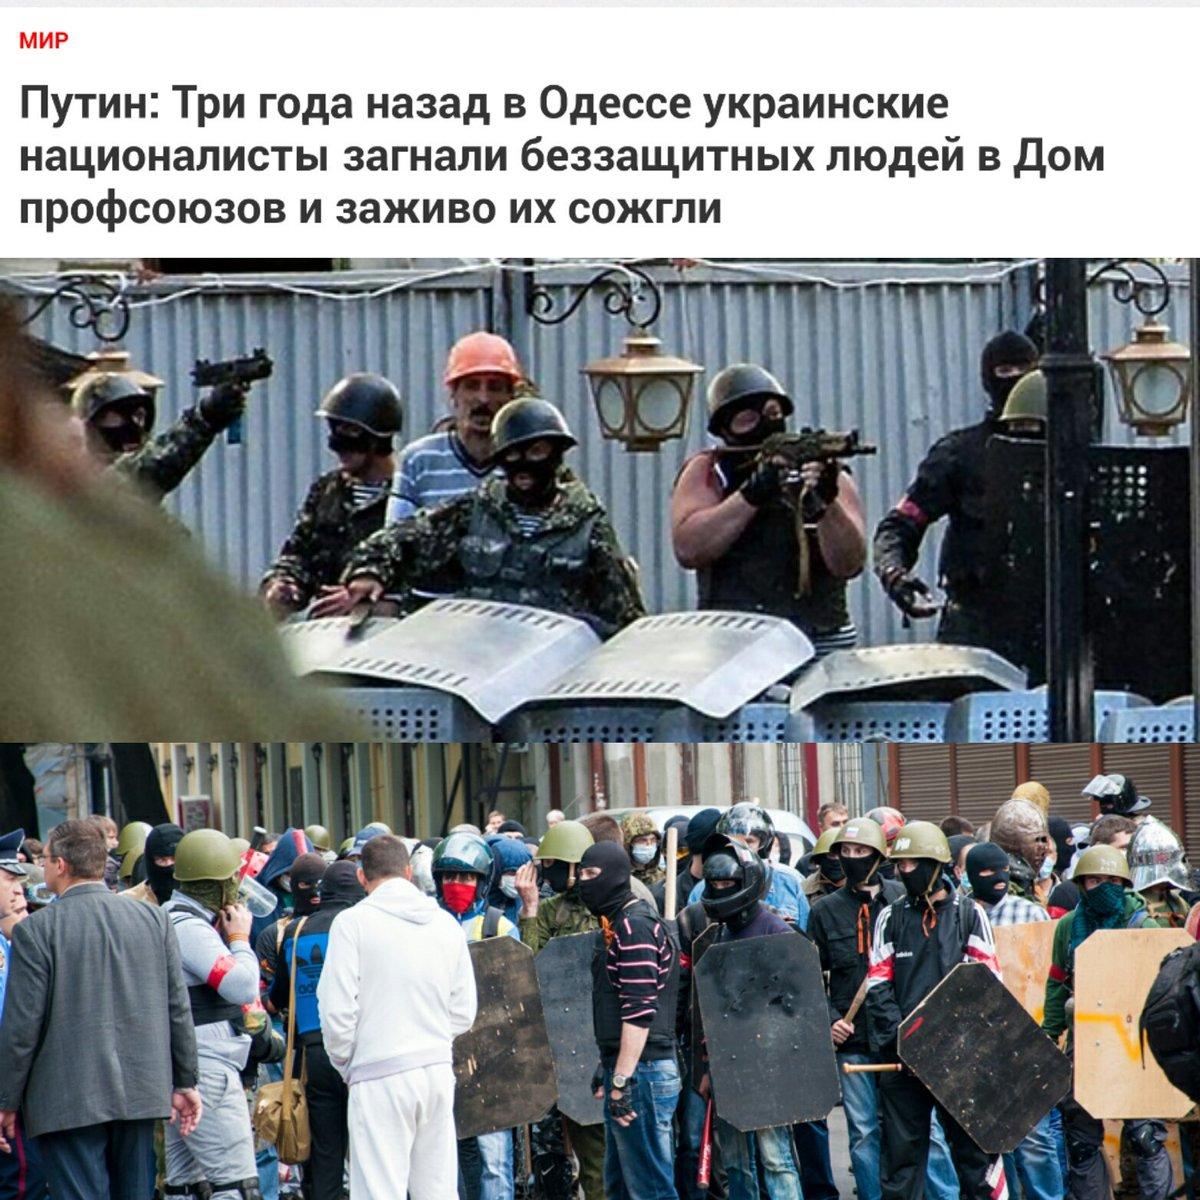 Памятные мероприятия в Одессе: людей снова начали пропускать на Куликово Поле - Цензор.НЕТ 2525